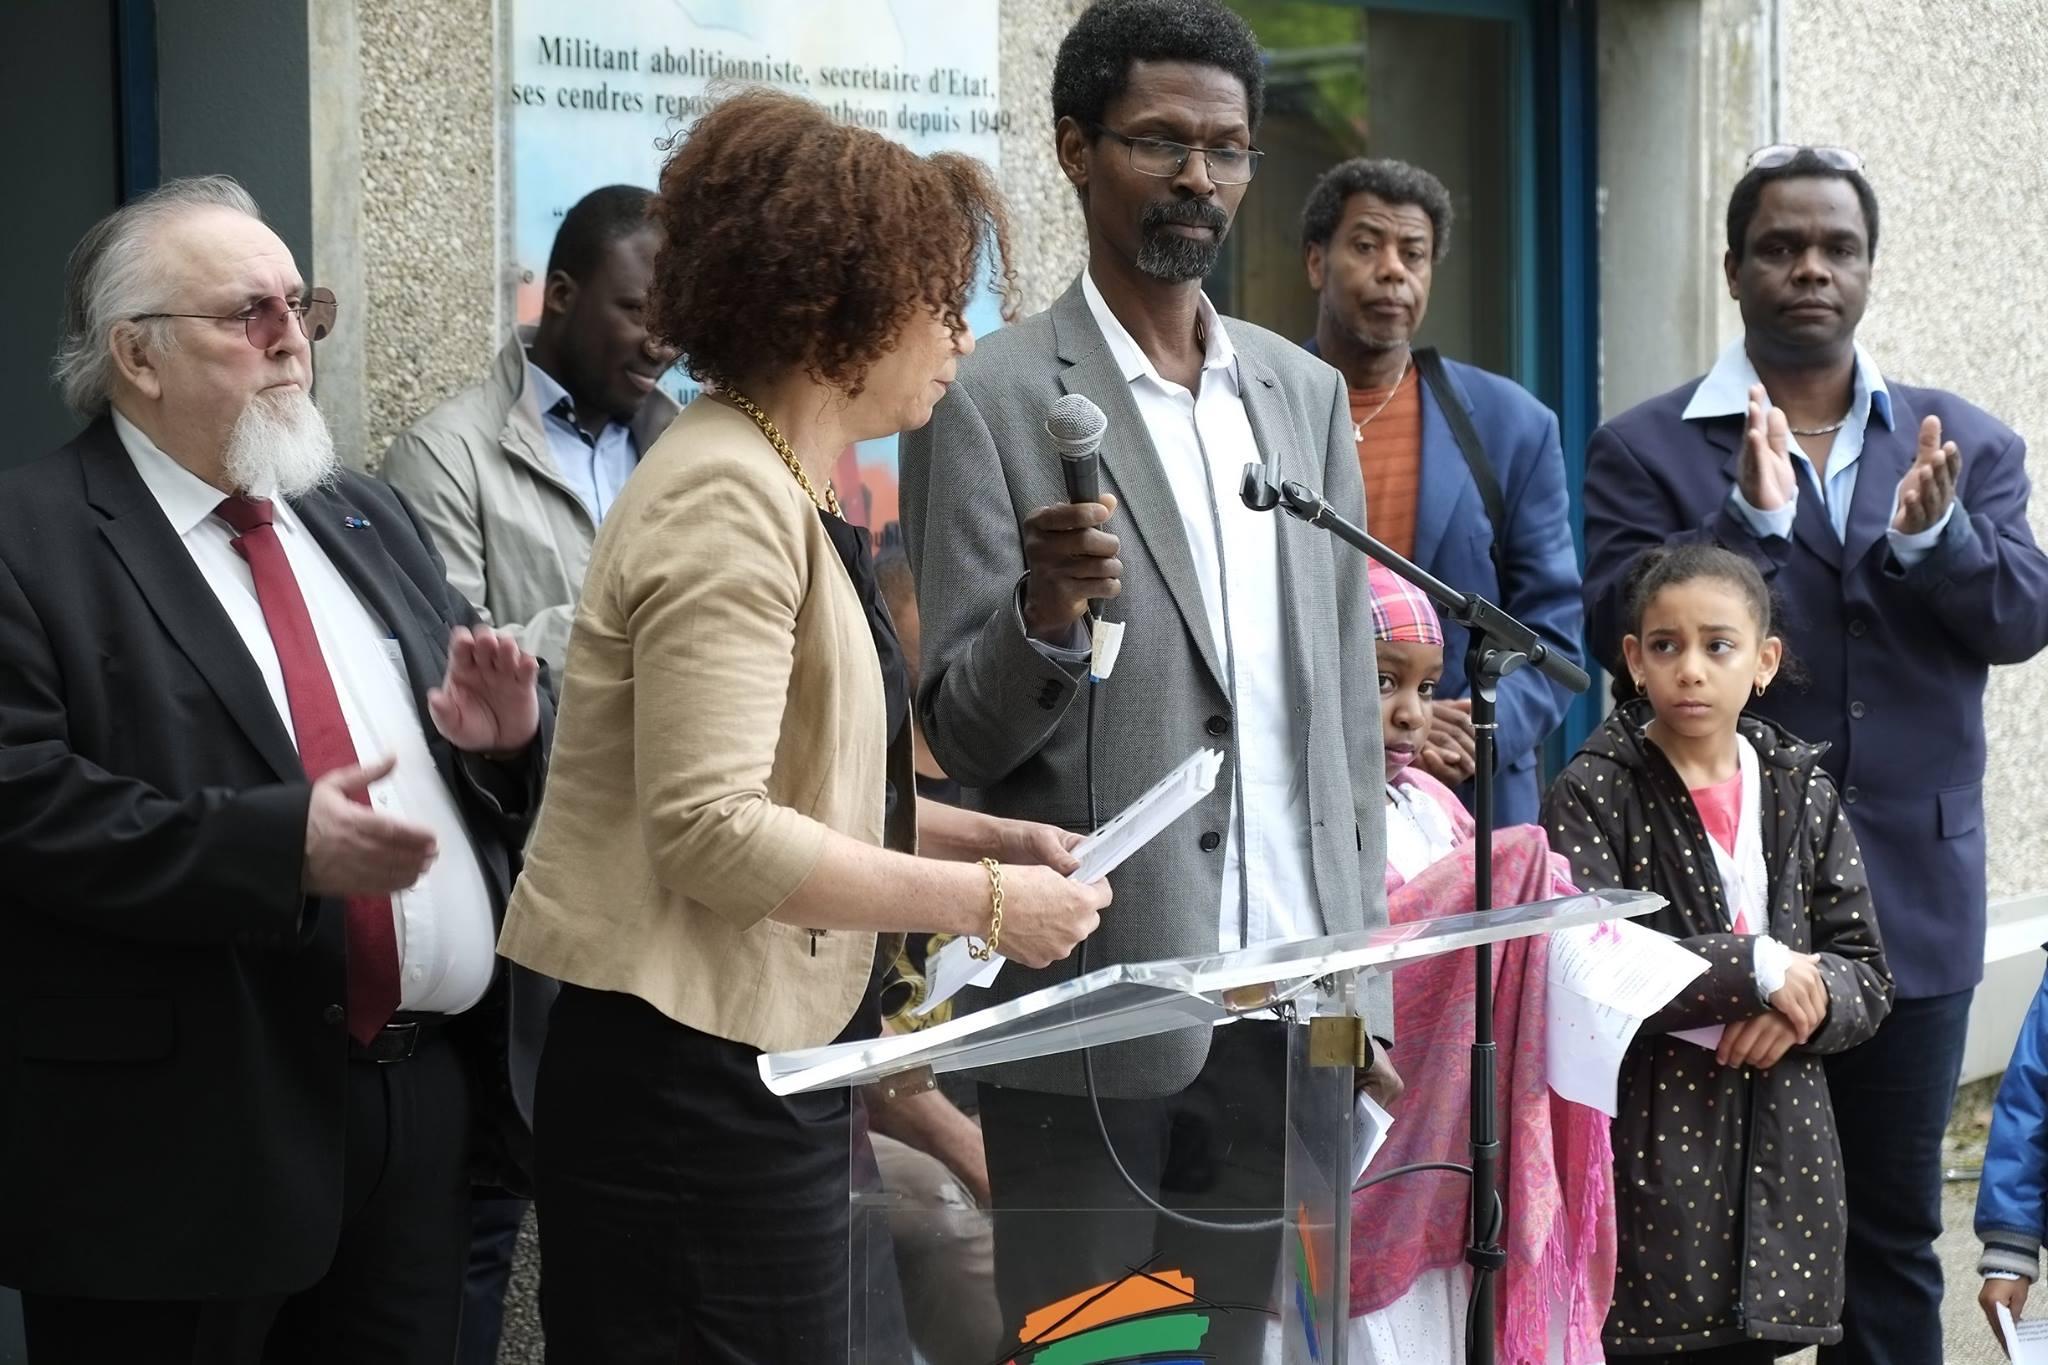 Commémoration de l' Abolition de l'Esclavage 2016 Seyssins Poésie extrait du chhier d'un Retour au Pays Natal (2)